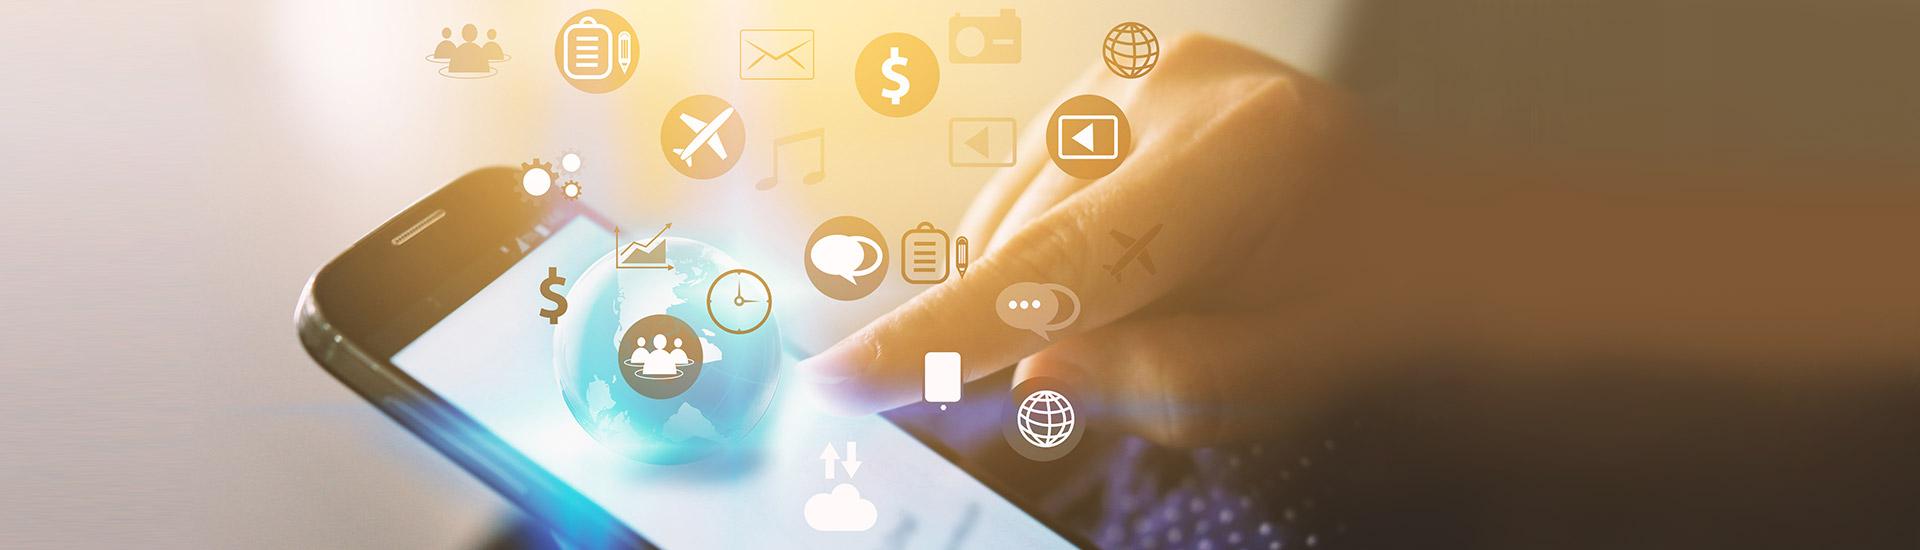 digital marketing blog images